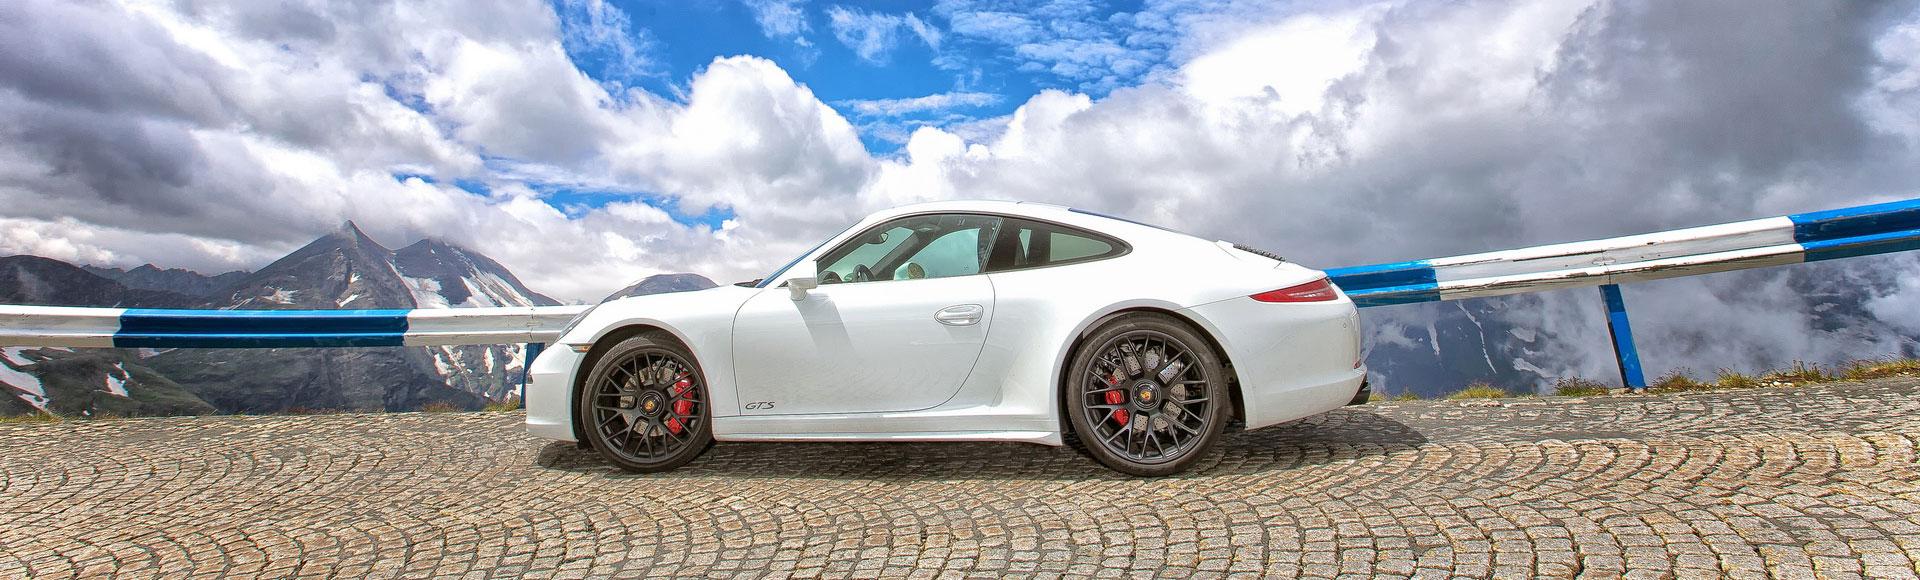 Porsche 991 GTS Coupe 2015 183